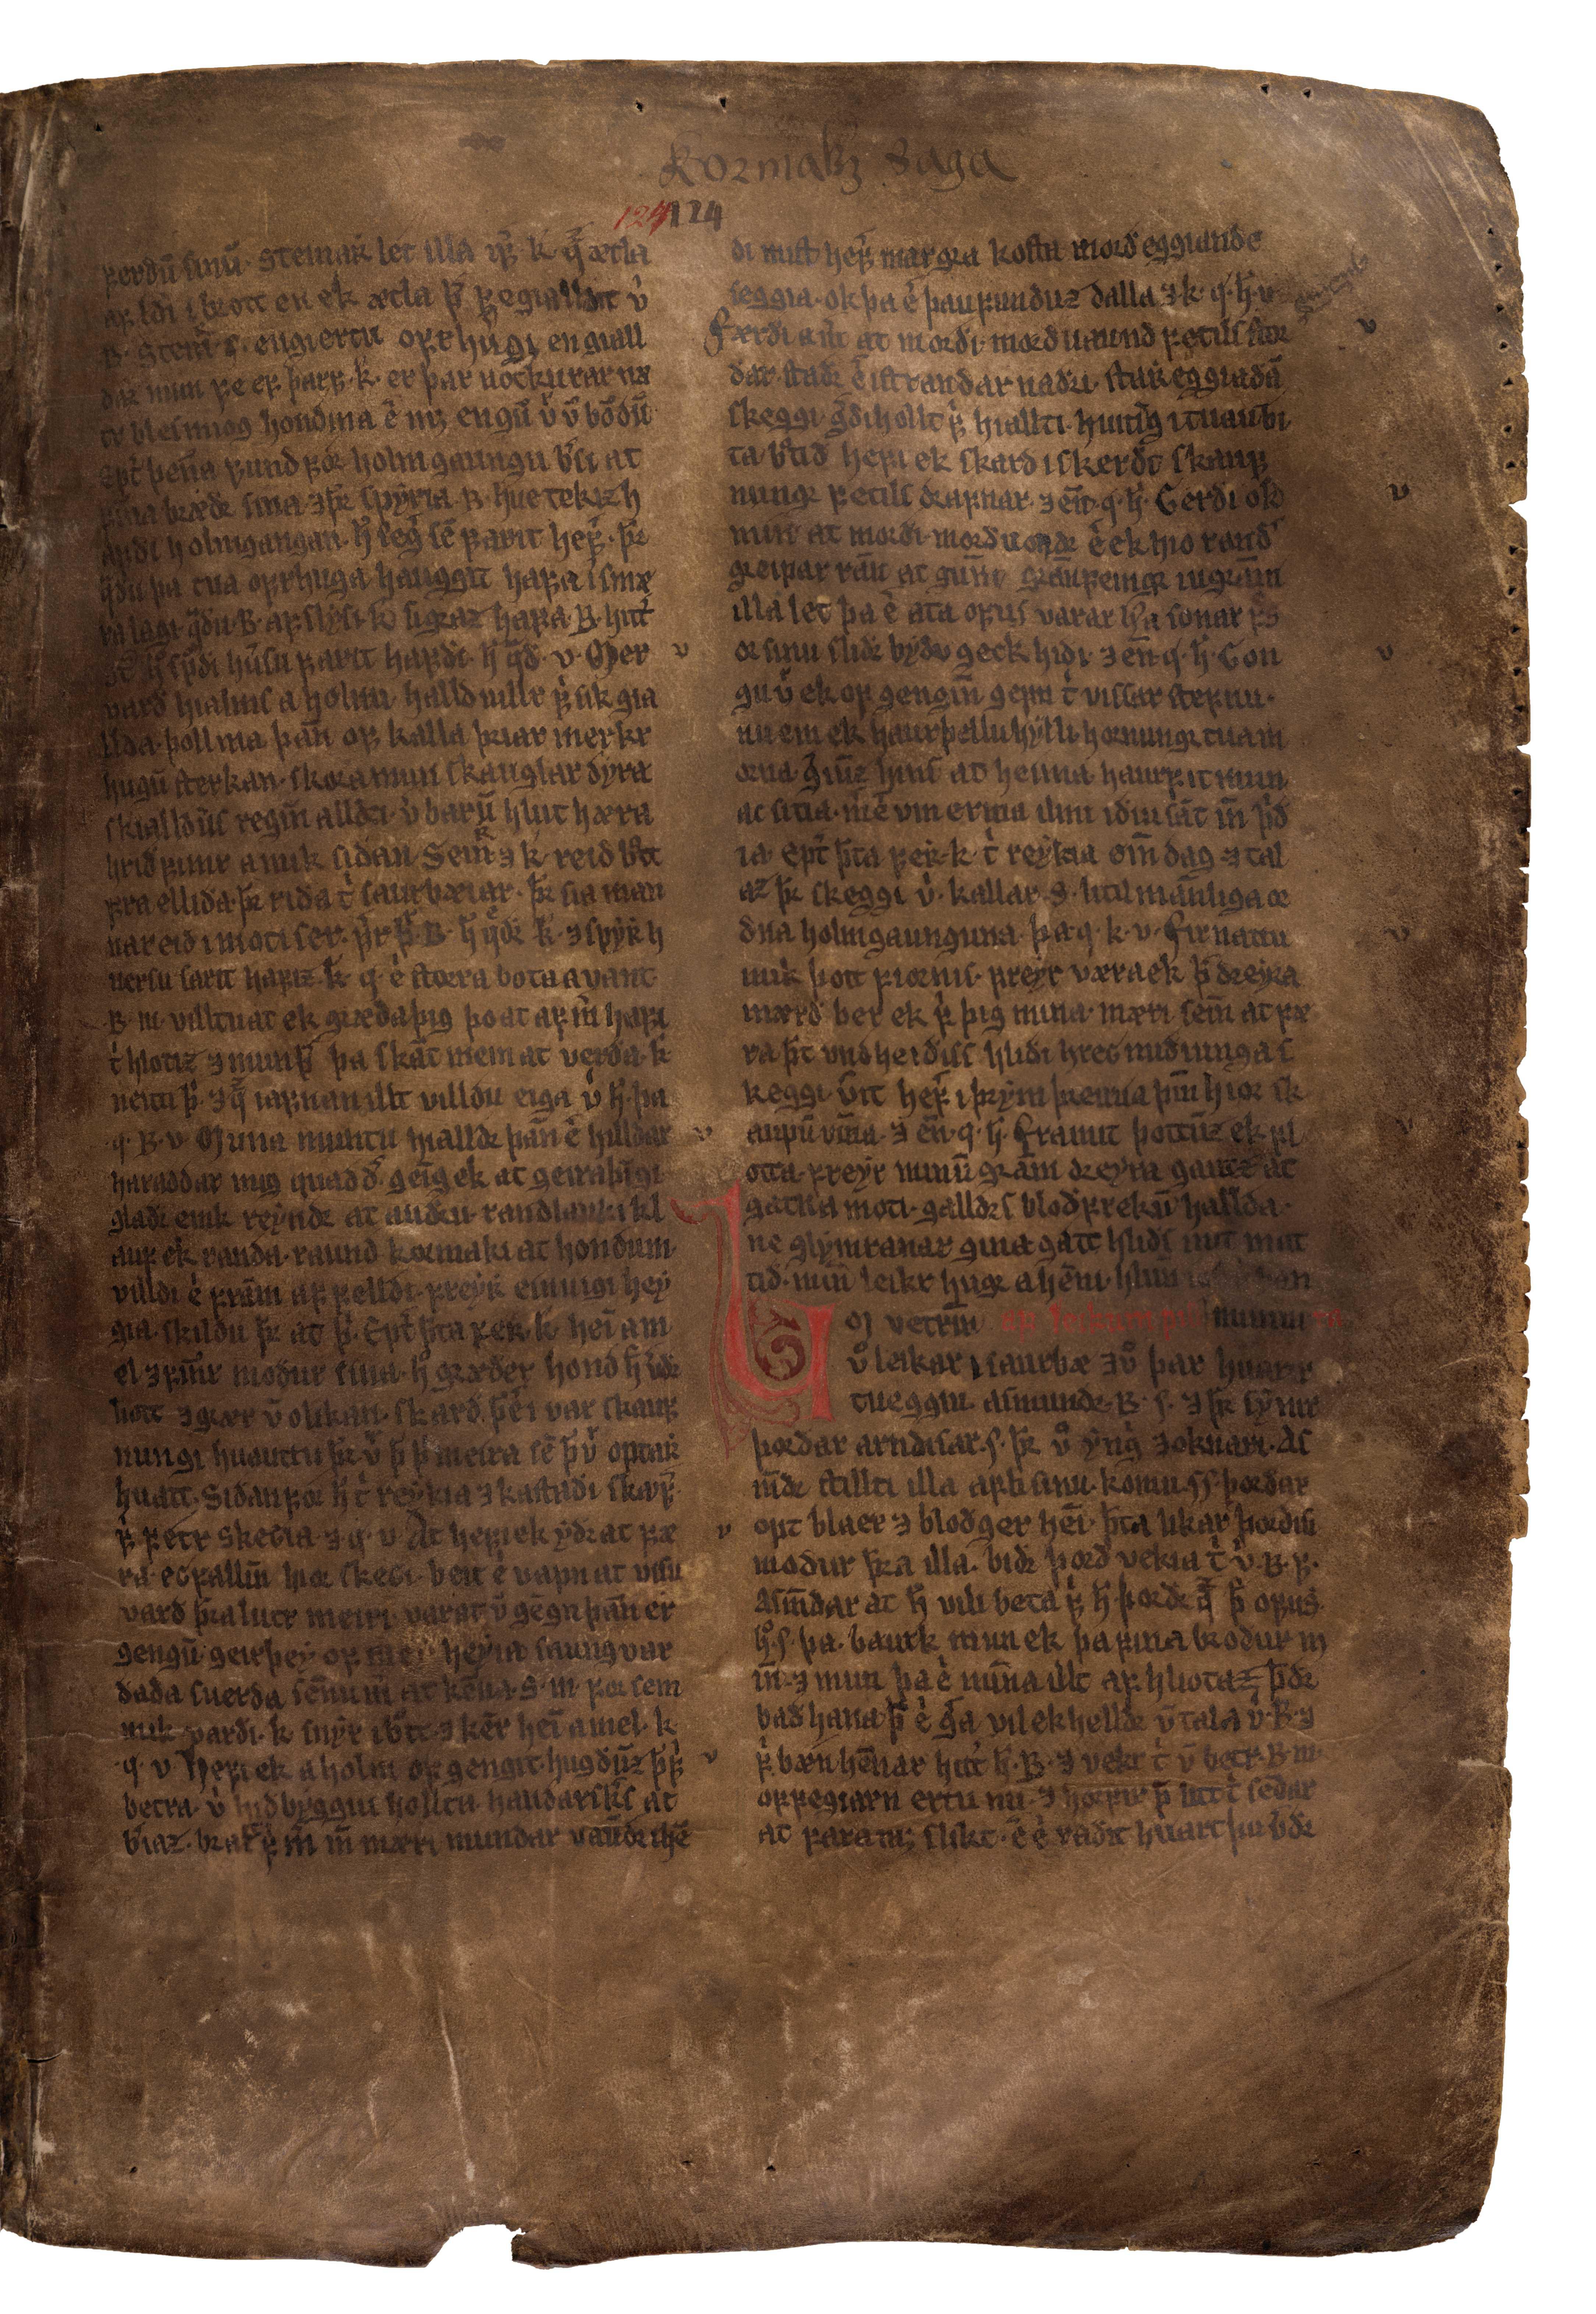 AM 132 fol - 124r